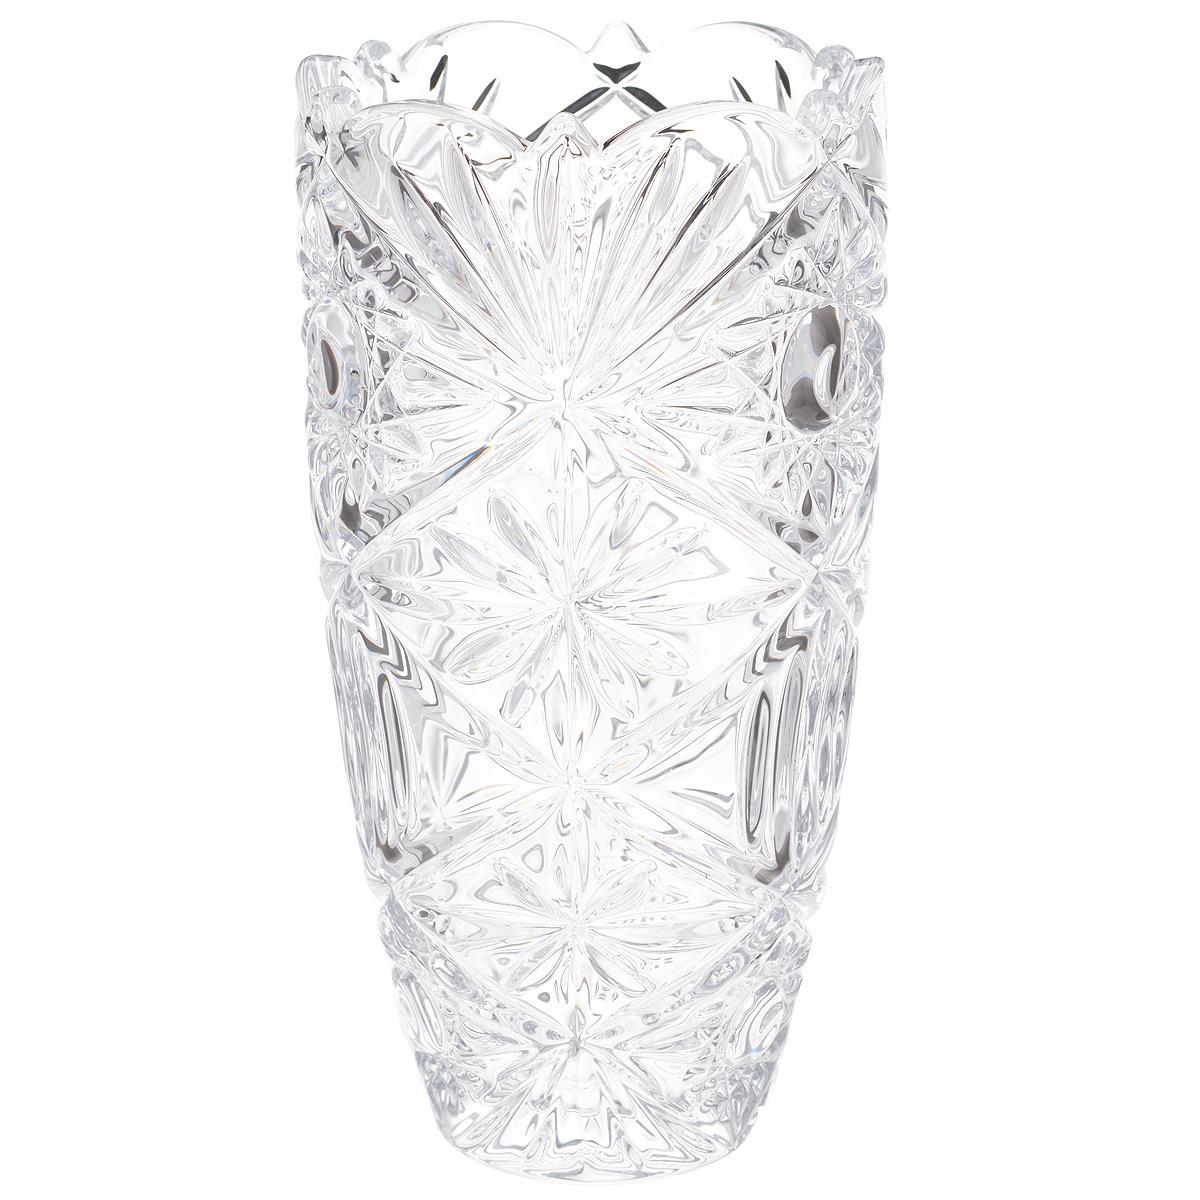 Ваза Crystalite Bohemia Тукана-Миранда, высота 20 см825264Изящная ваза Crystalite Bohemia Тукана-Миранда изготовлена из прочного утолщенного стекла кристалайт. Она красиво переливается и излучает приятный блеск. Ваза оснащена оригинальным рельефным орнаментом и неровными краями, что делает ее изящным украшением интерьера. Ваза Crystalite Bohemia Тукана-Миранда дополнит интерьер офиса или дома и станет желанным и стильным подарком.